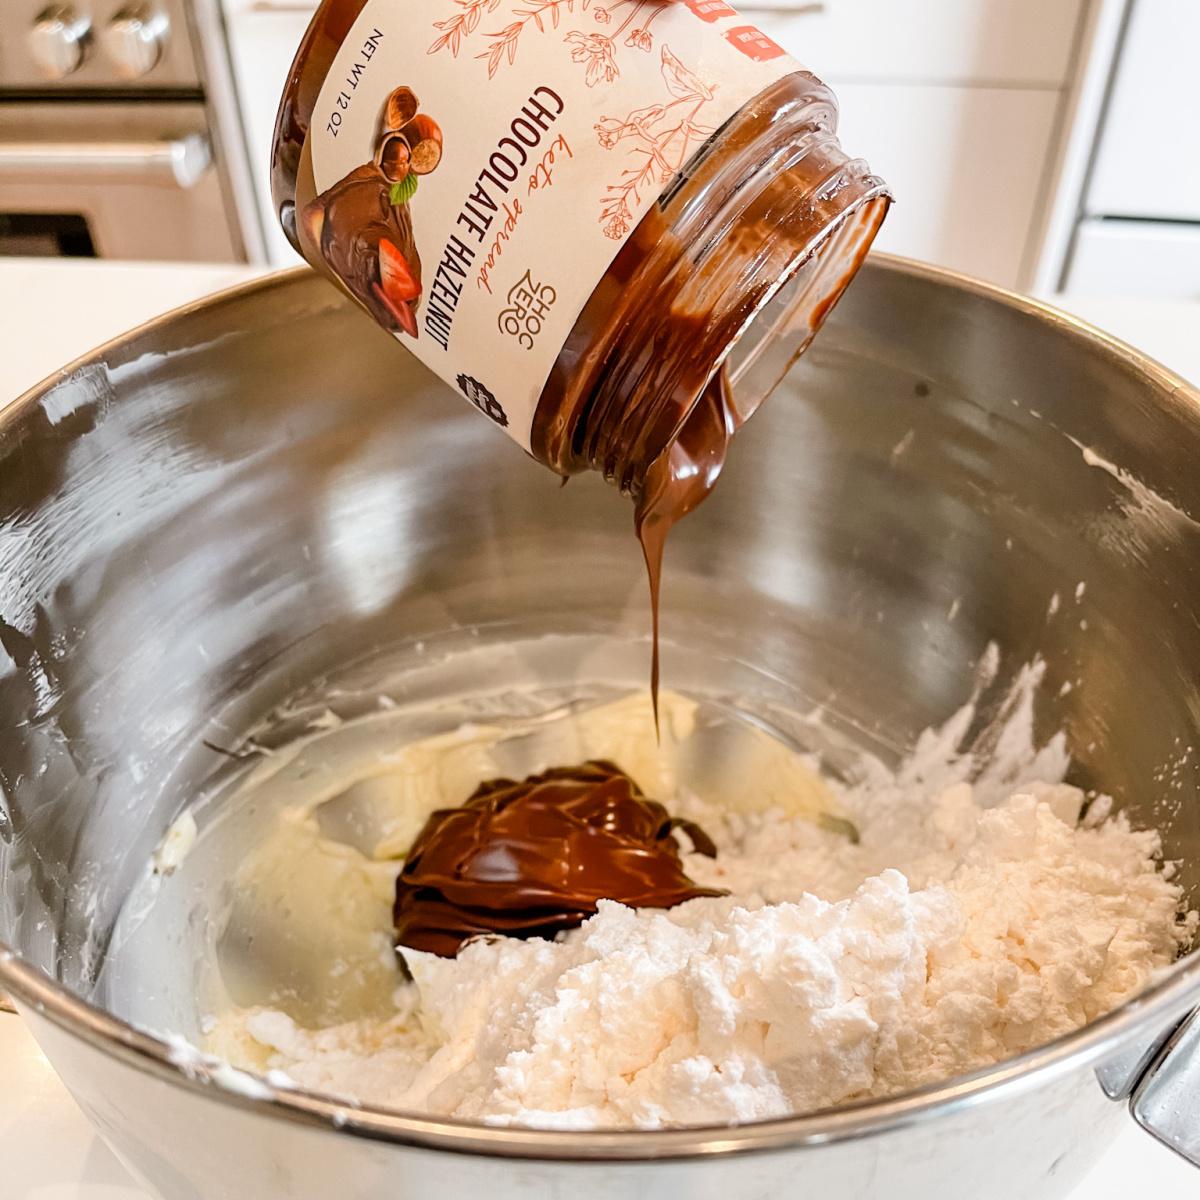 ChocZero chocolate hazelnut spread dripping into bowl